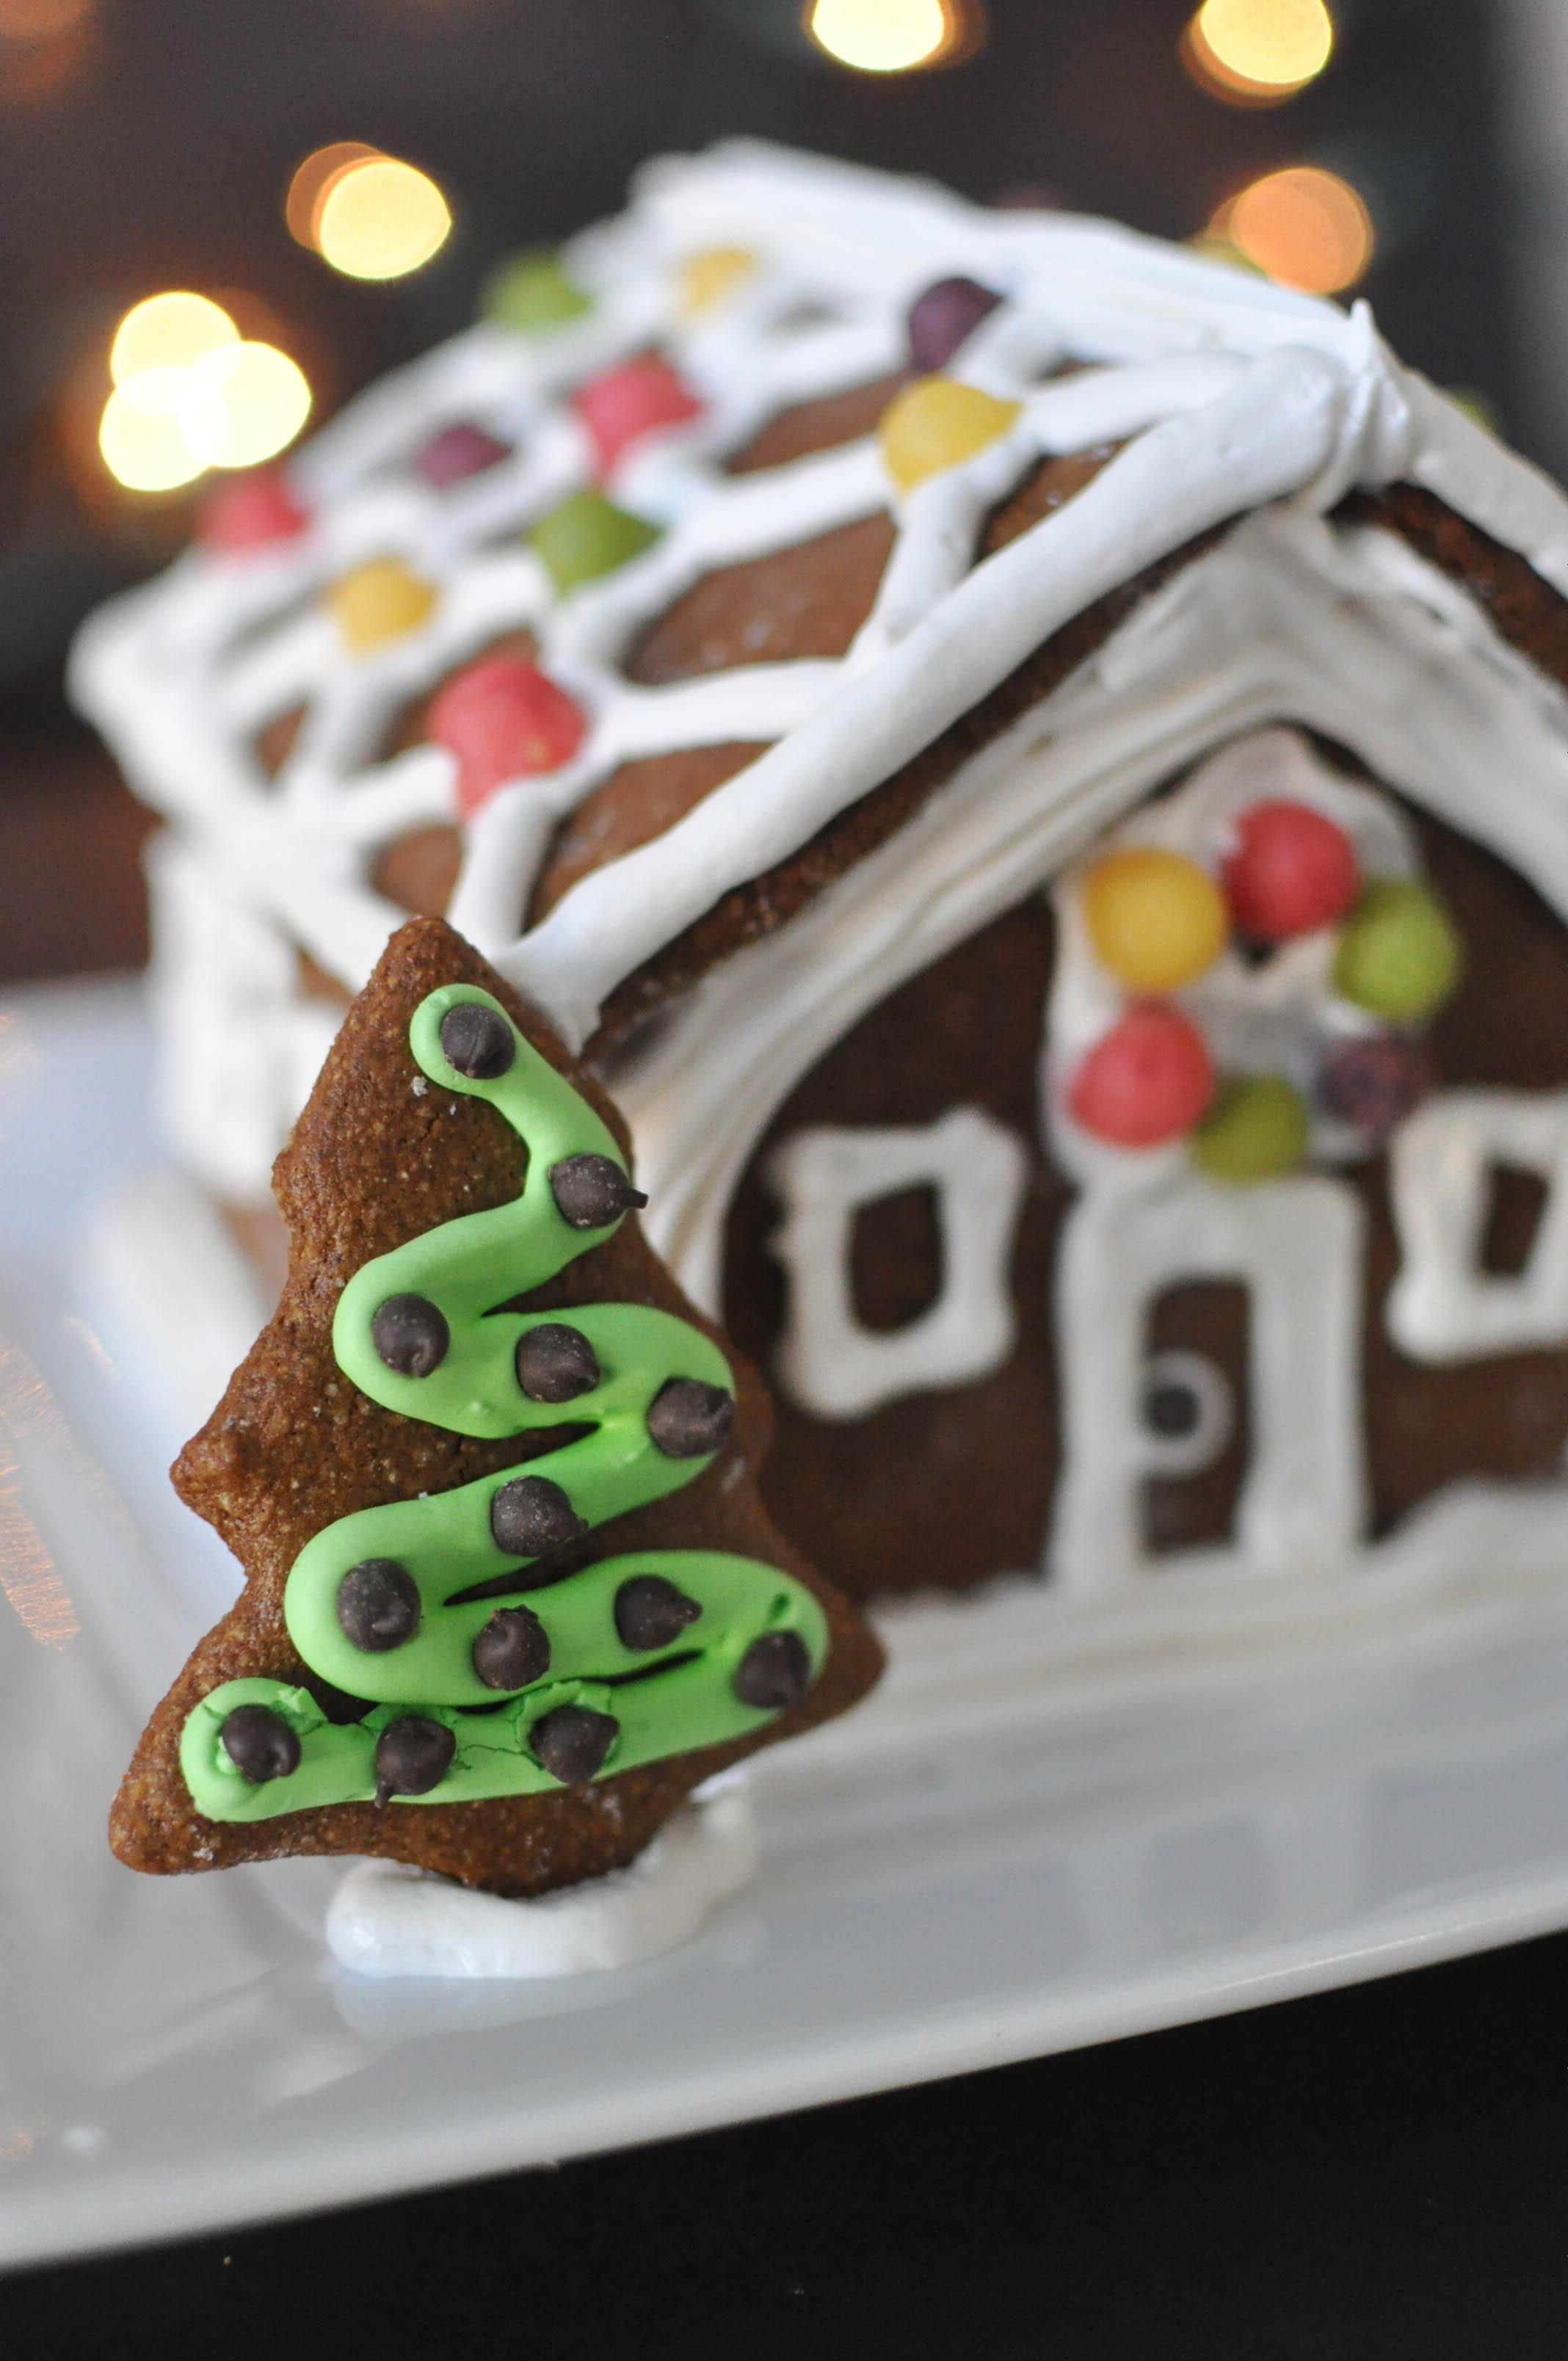 paleo gingerbread house fed fit. Black Bedroom Furniture Sets. Home Design Ideas